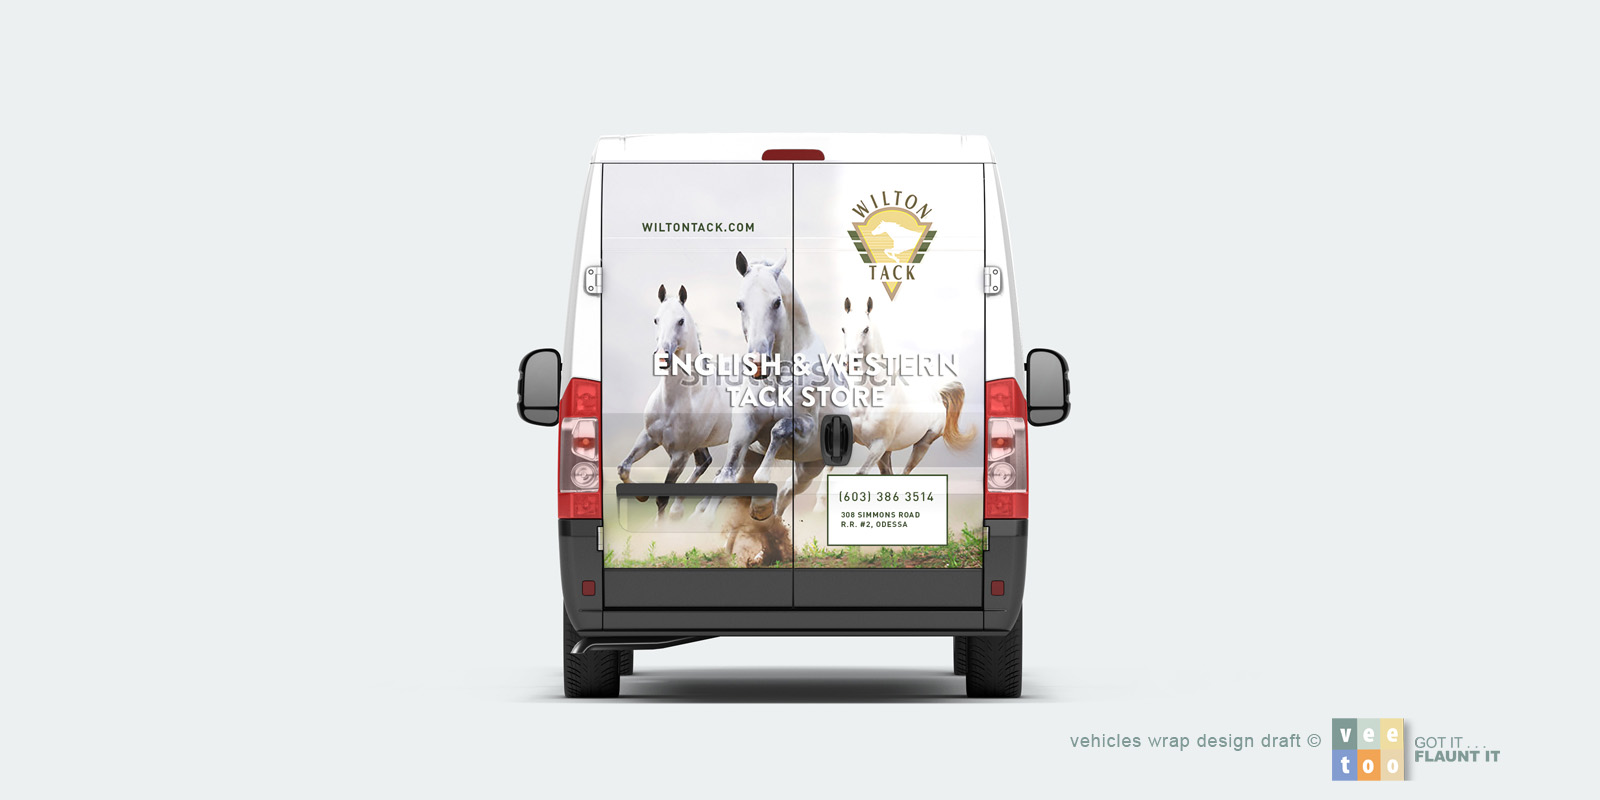 Graphic designer Belfast Northern Ireland - design 4 draft 6